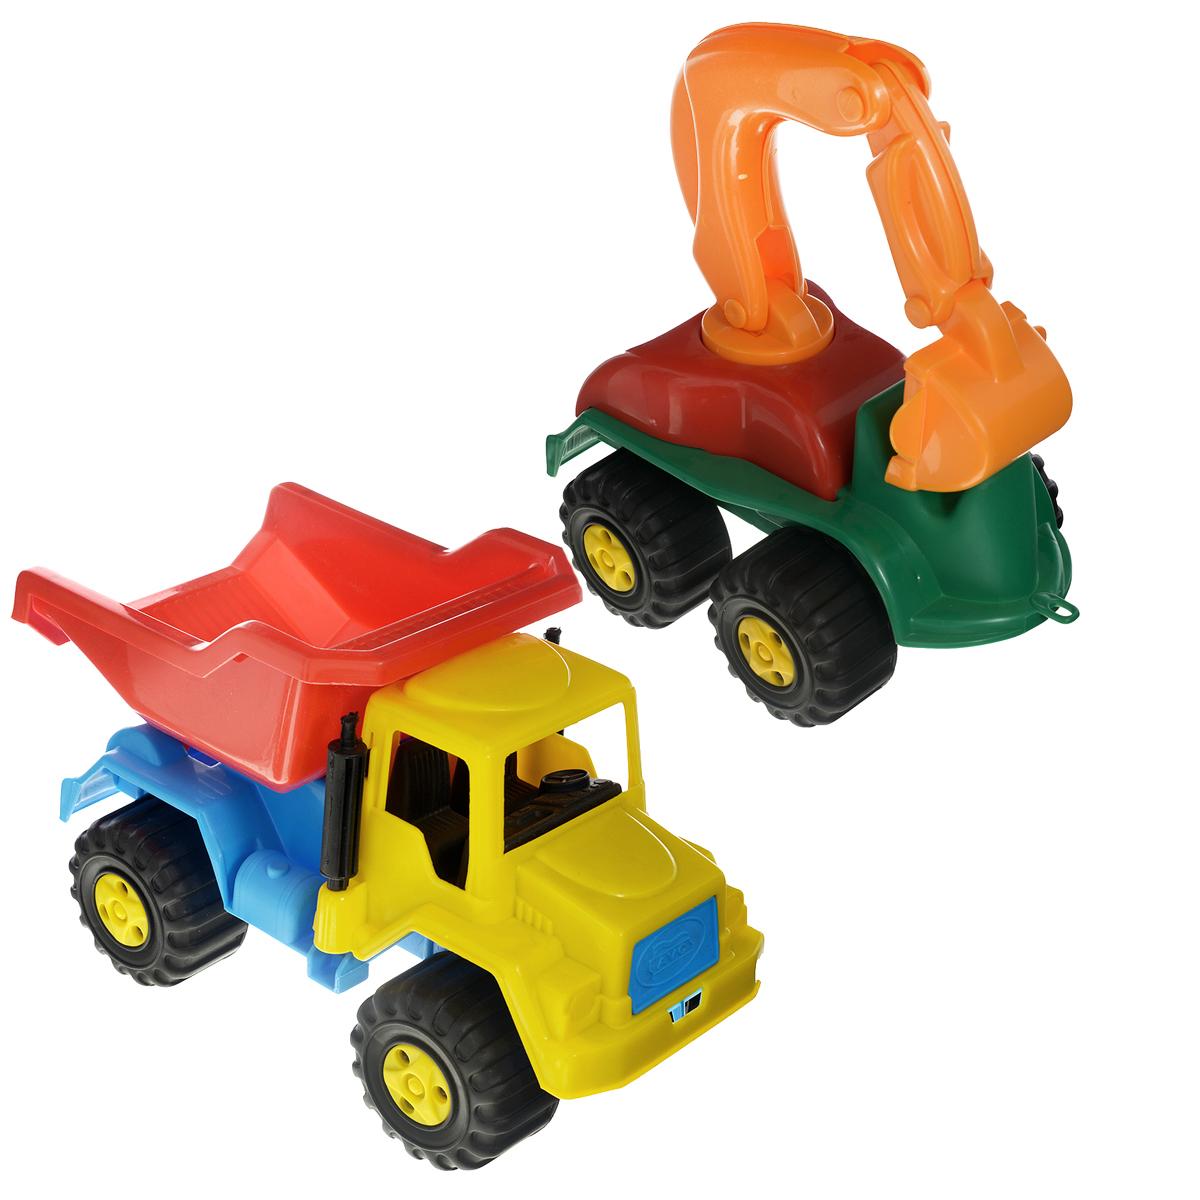 AVC Самосвал с экскаватором01/5125Игрушка AVC Самосвал с экскаватором, выполненная из прочного безопасного пластика, отлично подойдет ребенку для различных игр. С помощью нее ребенку будет удобнее возводить свои шедевры из песка. Кузов самосвала можно опускать и поднимать, поэтому из него будет удобно выгружать груз. В просторную кабину машинки можно посадить небольшую игрушку. Большие крутящиеся колеса обеспечивают игрушке устойчивость и хорошую проходимость. С помощью экскаватора игра станет еще интересней, а ваш малыш сможет почувствовать себя настоящим профессионалом на стройке. Игрушка развивает концентрацию внимания, цветовое восприятие, координацию движений, воображение, а также моторику рук. Ваш ребенок непременно обрадуется новому транспорту в своем игрушечном автопарке. Порадуйте его таким замечательным подарком!